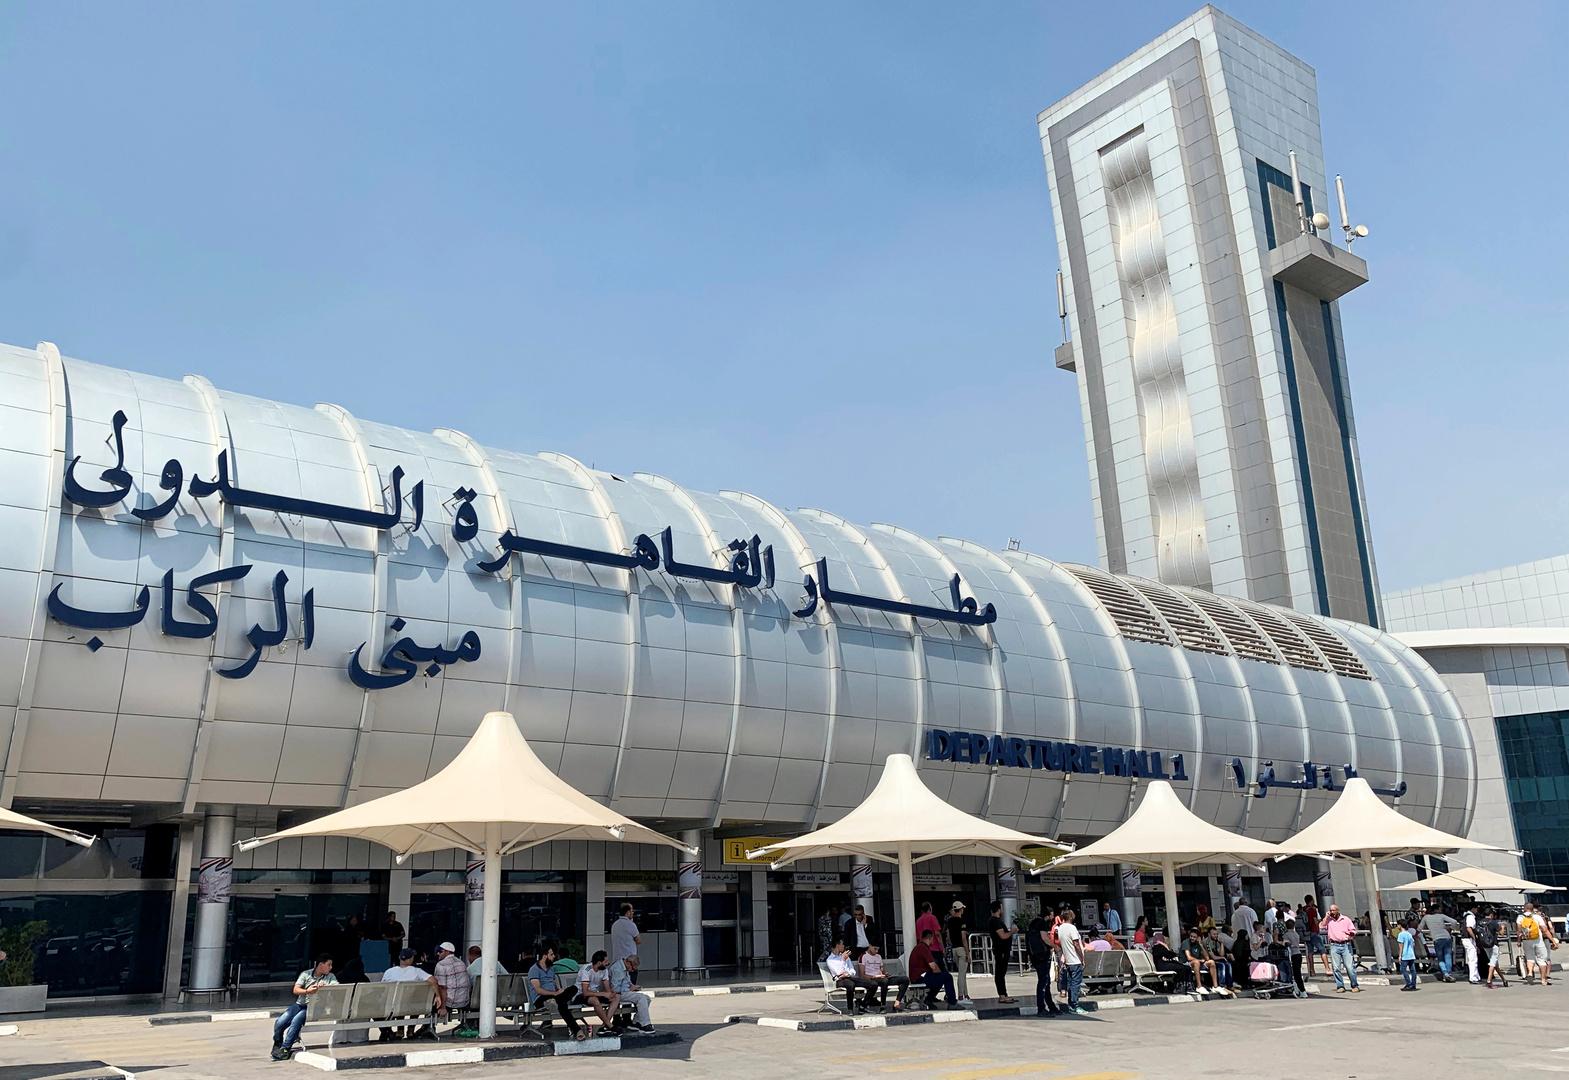 مصر تحول طائرات الركاب إلى وسيلة لنقل البضائع.. وتمد أوروبا والخليج بأطنان من المواد الغذائية